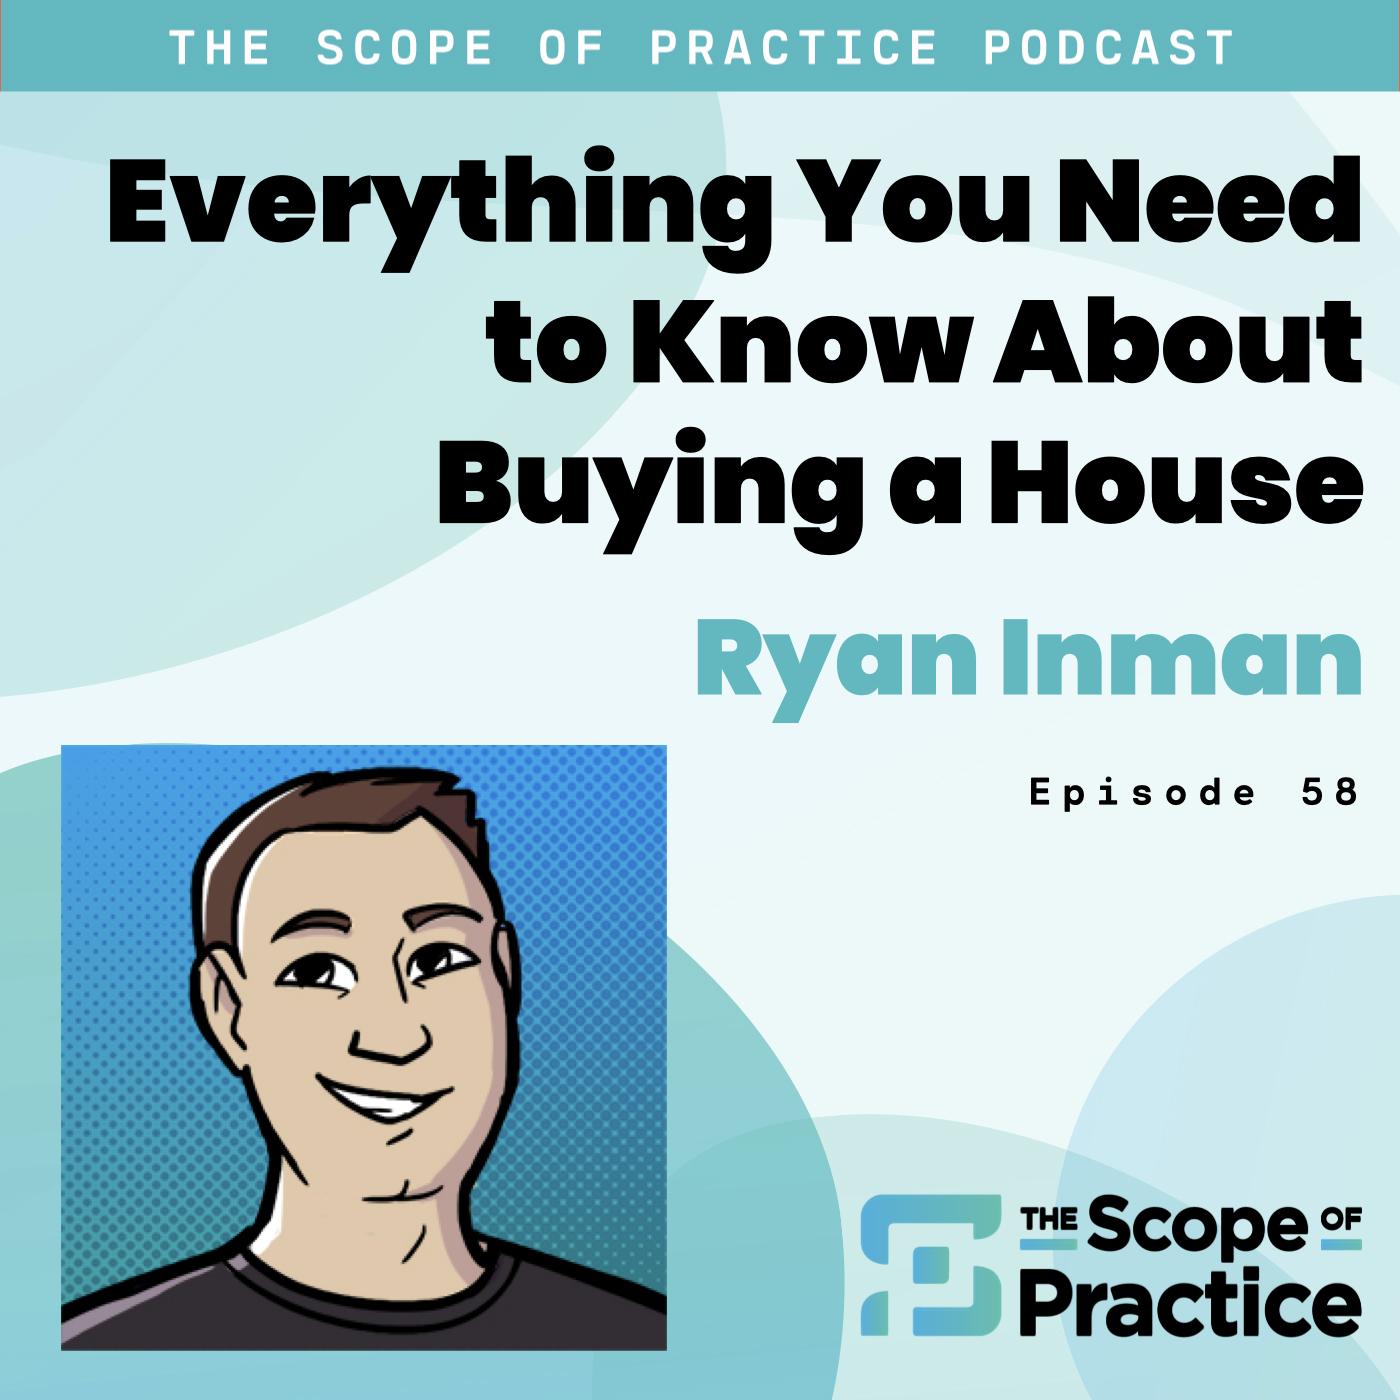 Ryan Inman Financial Residency